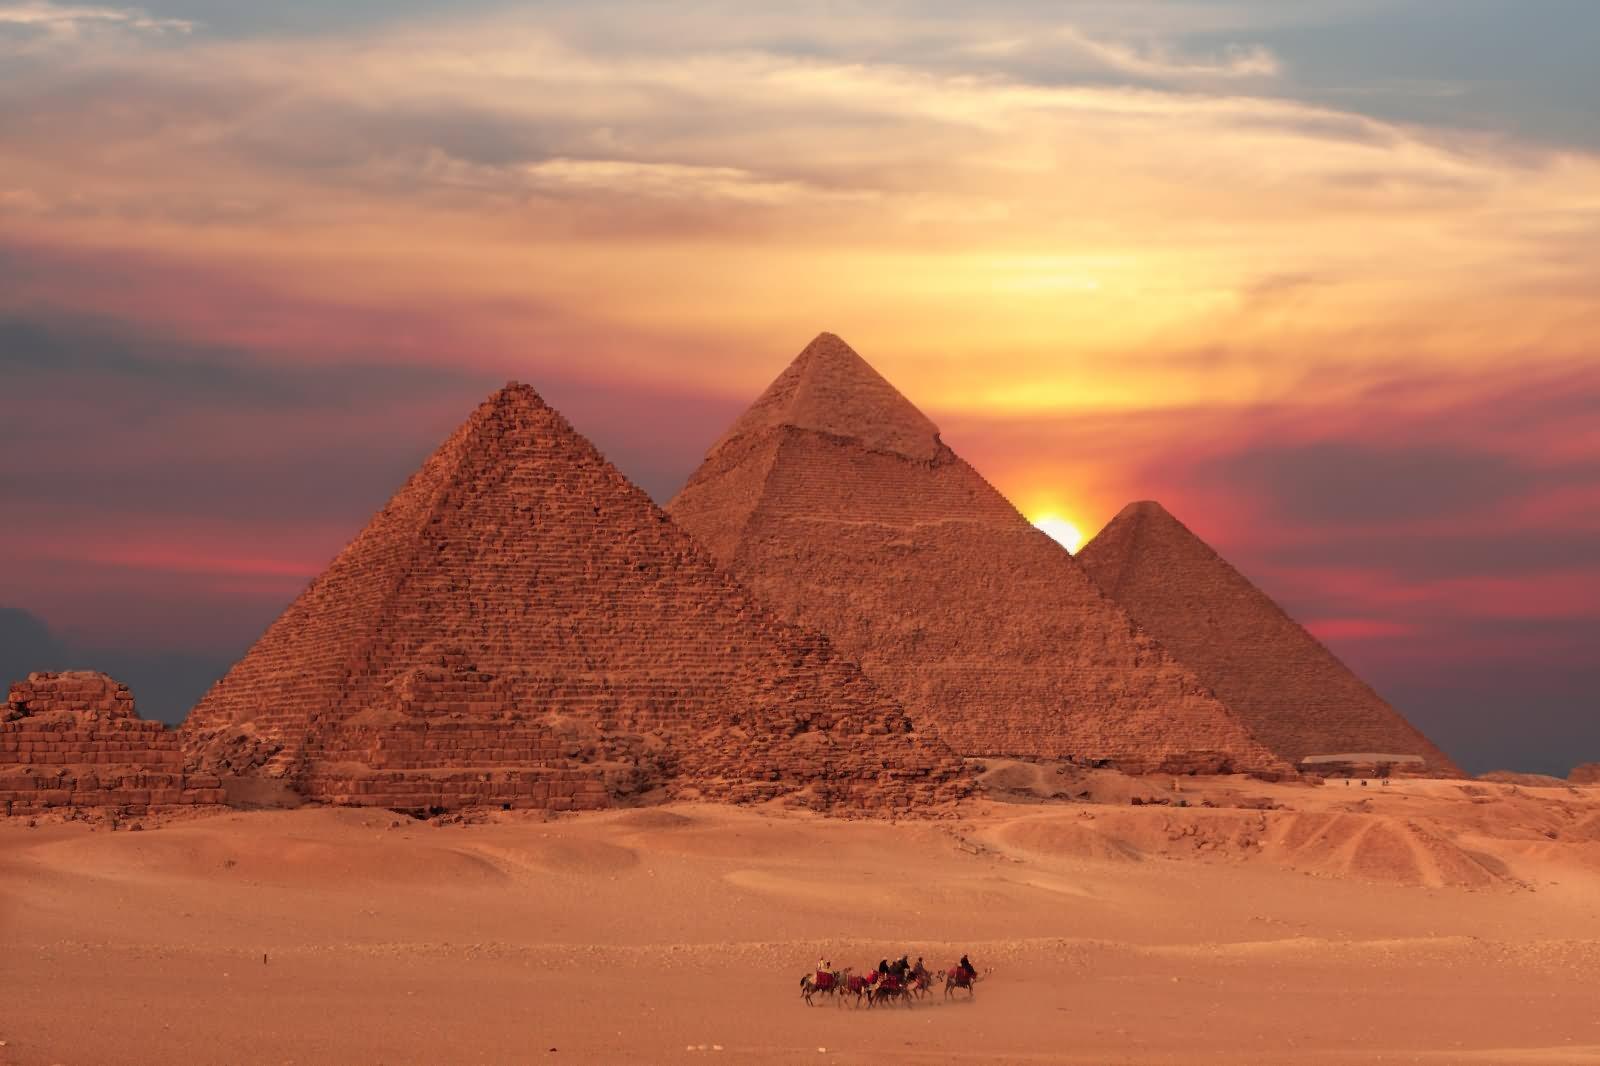 بالصور السياحة في مصر , شاهد بالصور اروع المعالم السياحة فى مصر 444 13